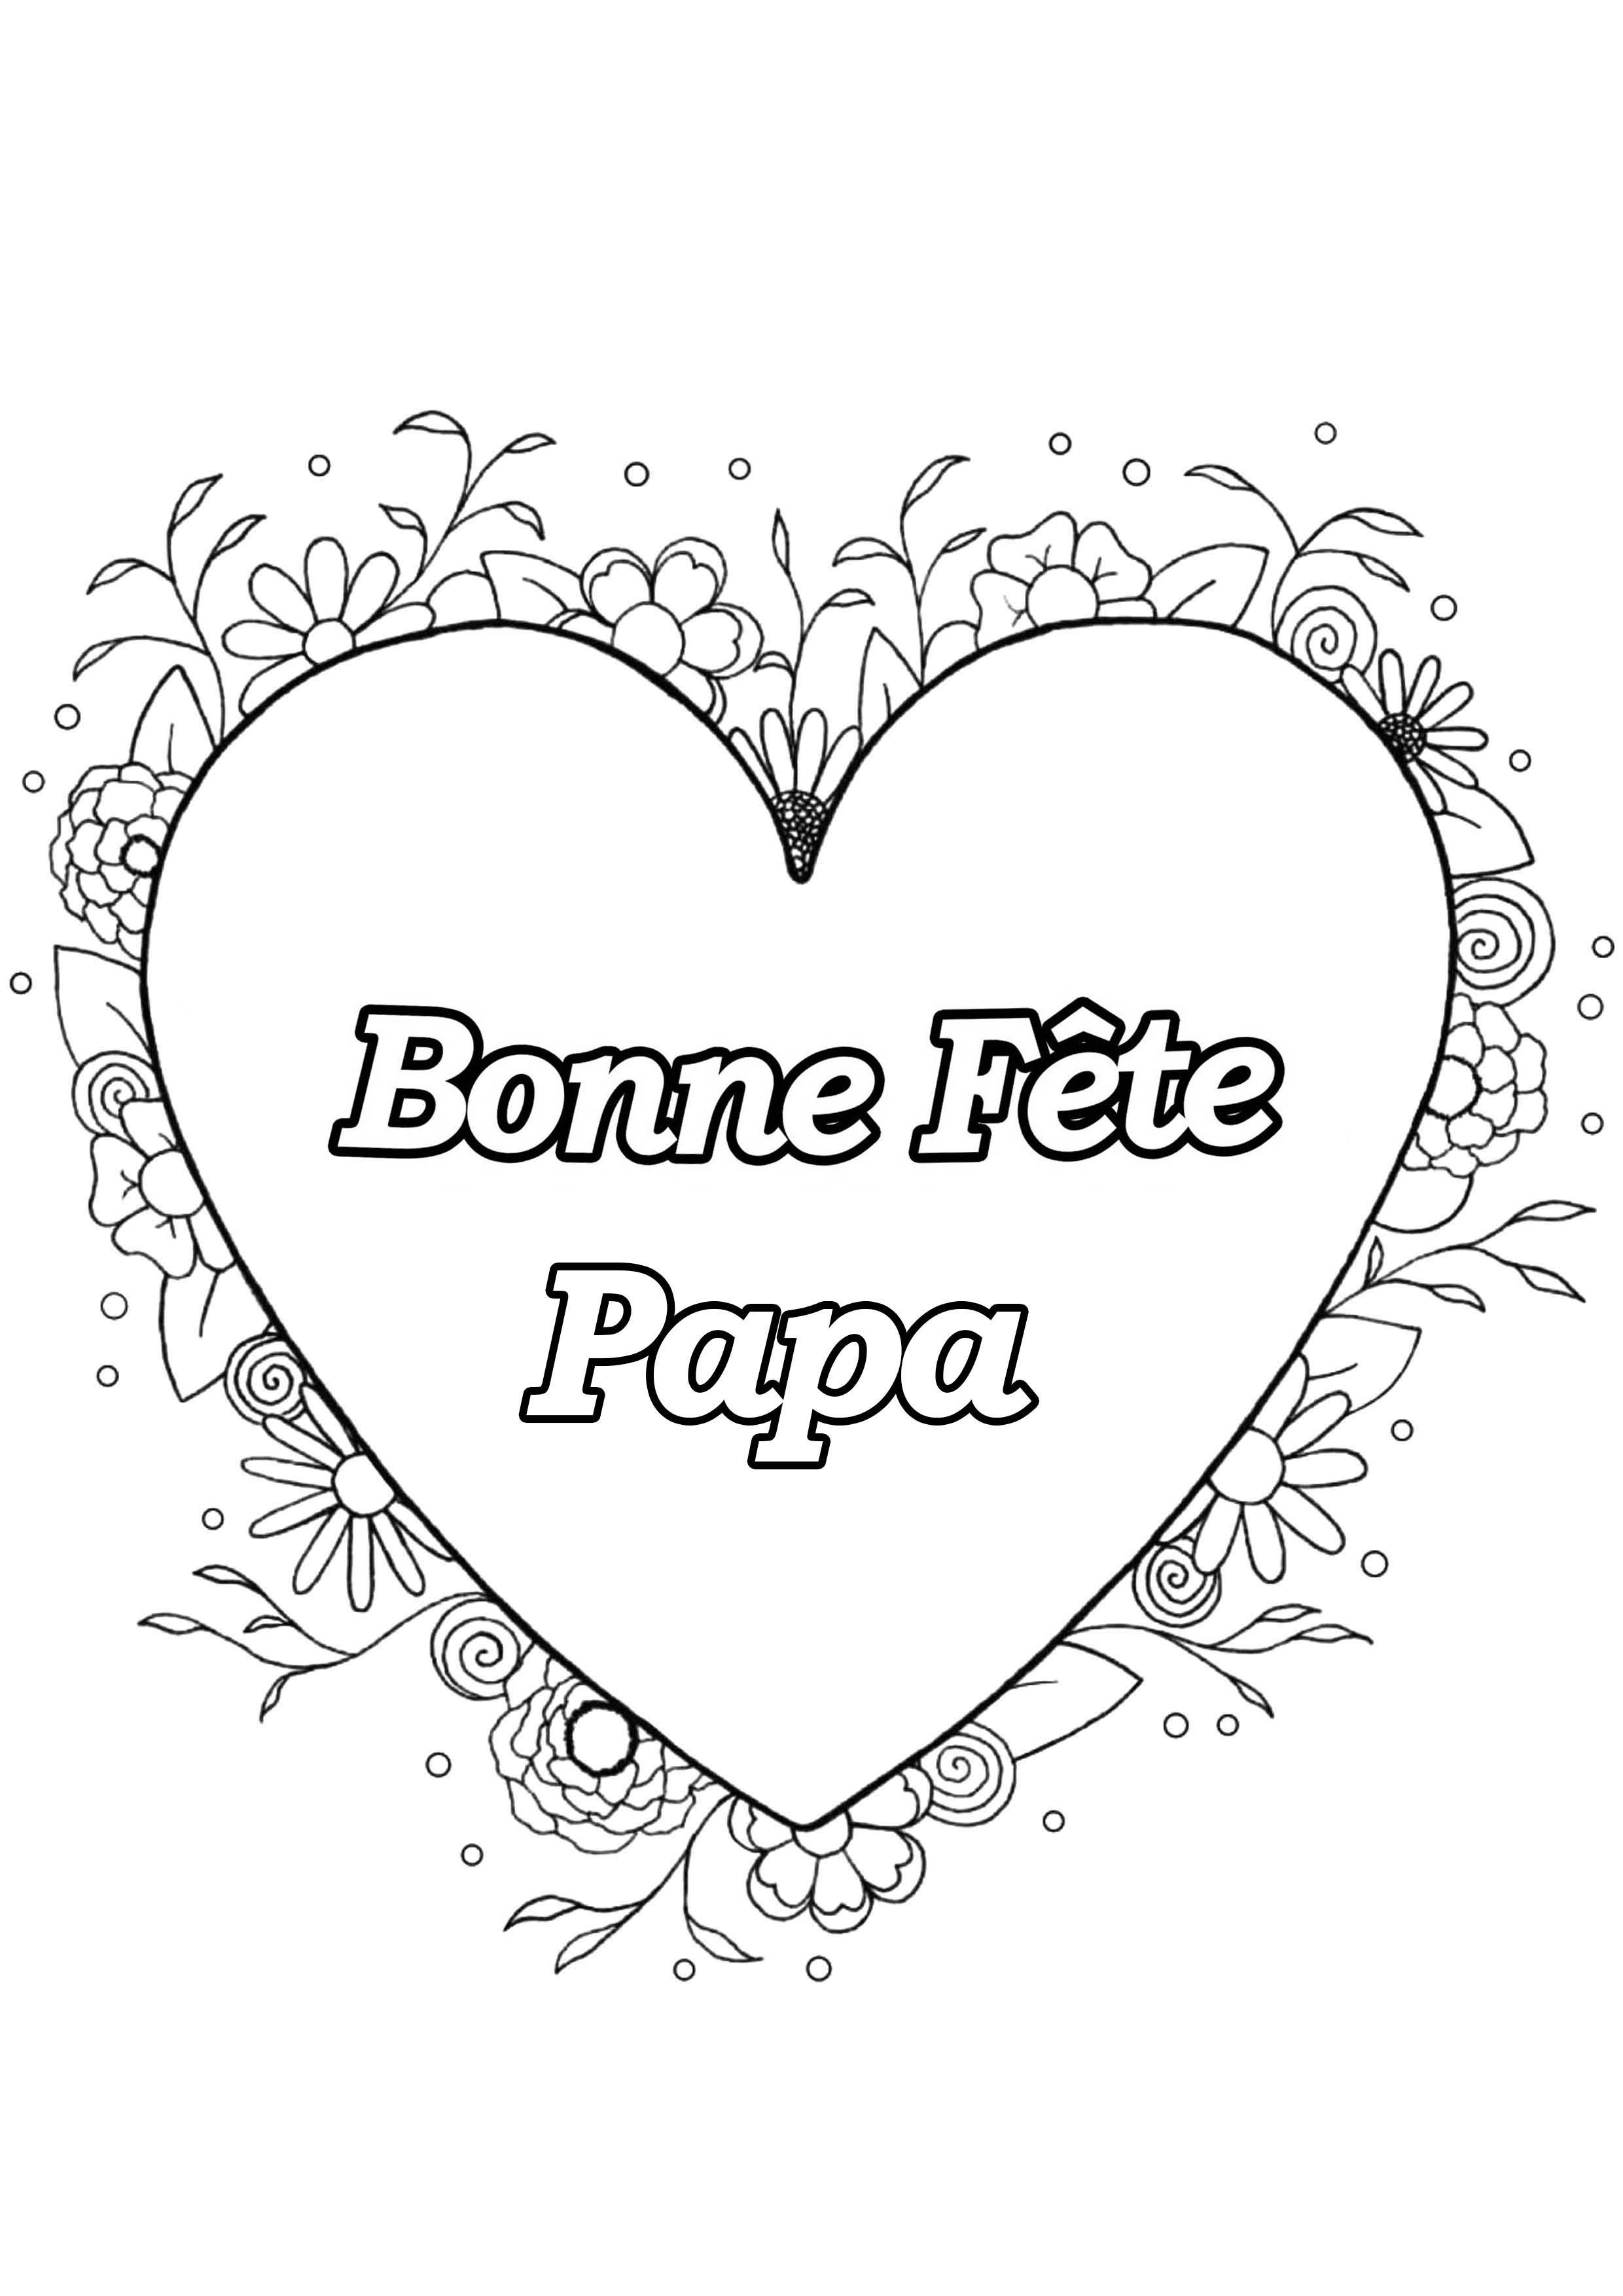 Dessin Bonne Fete Papa : dessin, bonne, Peres, Fête, Pères, Coloriages, Difficiles, Adultes